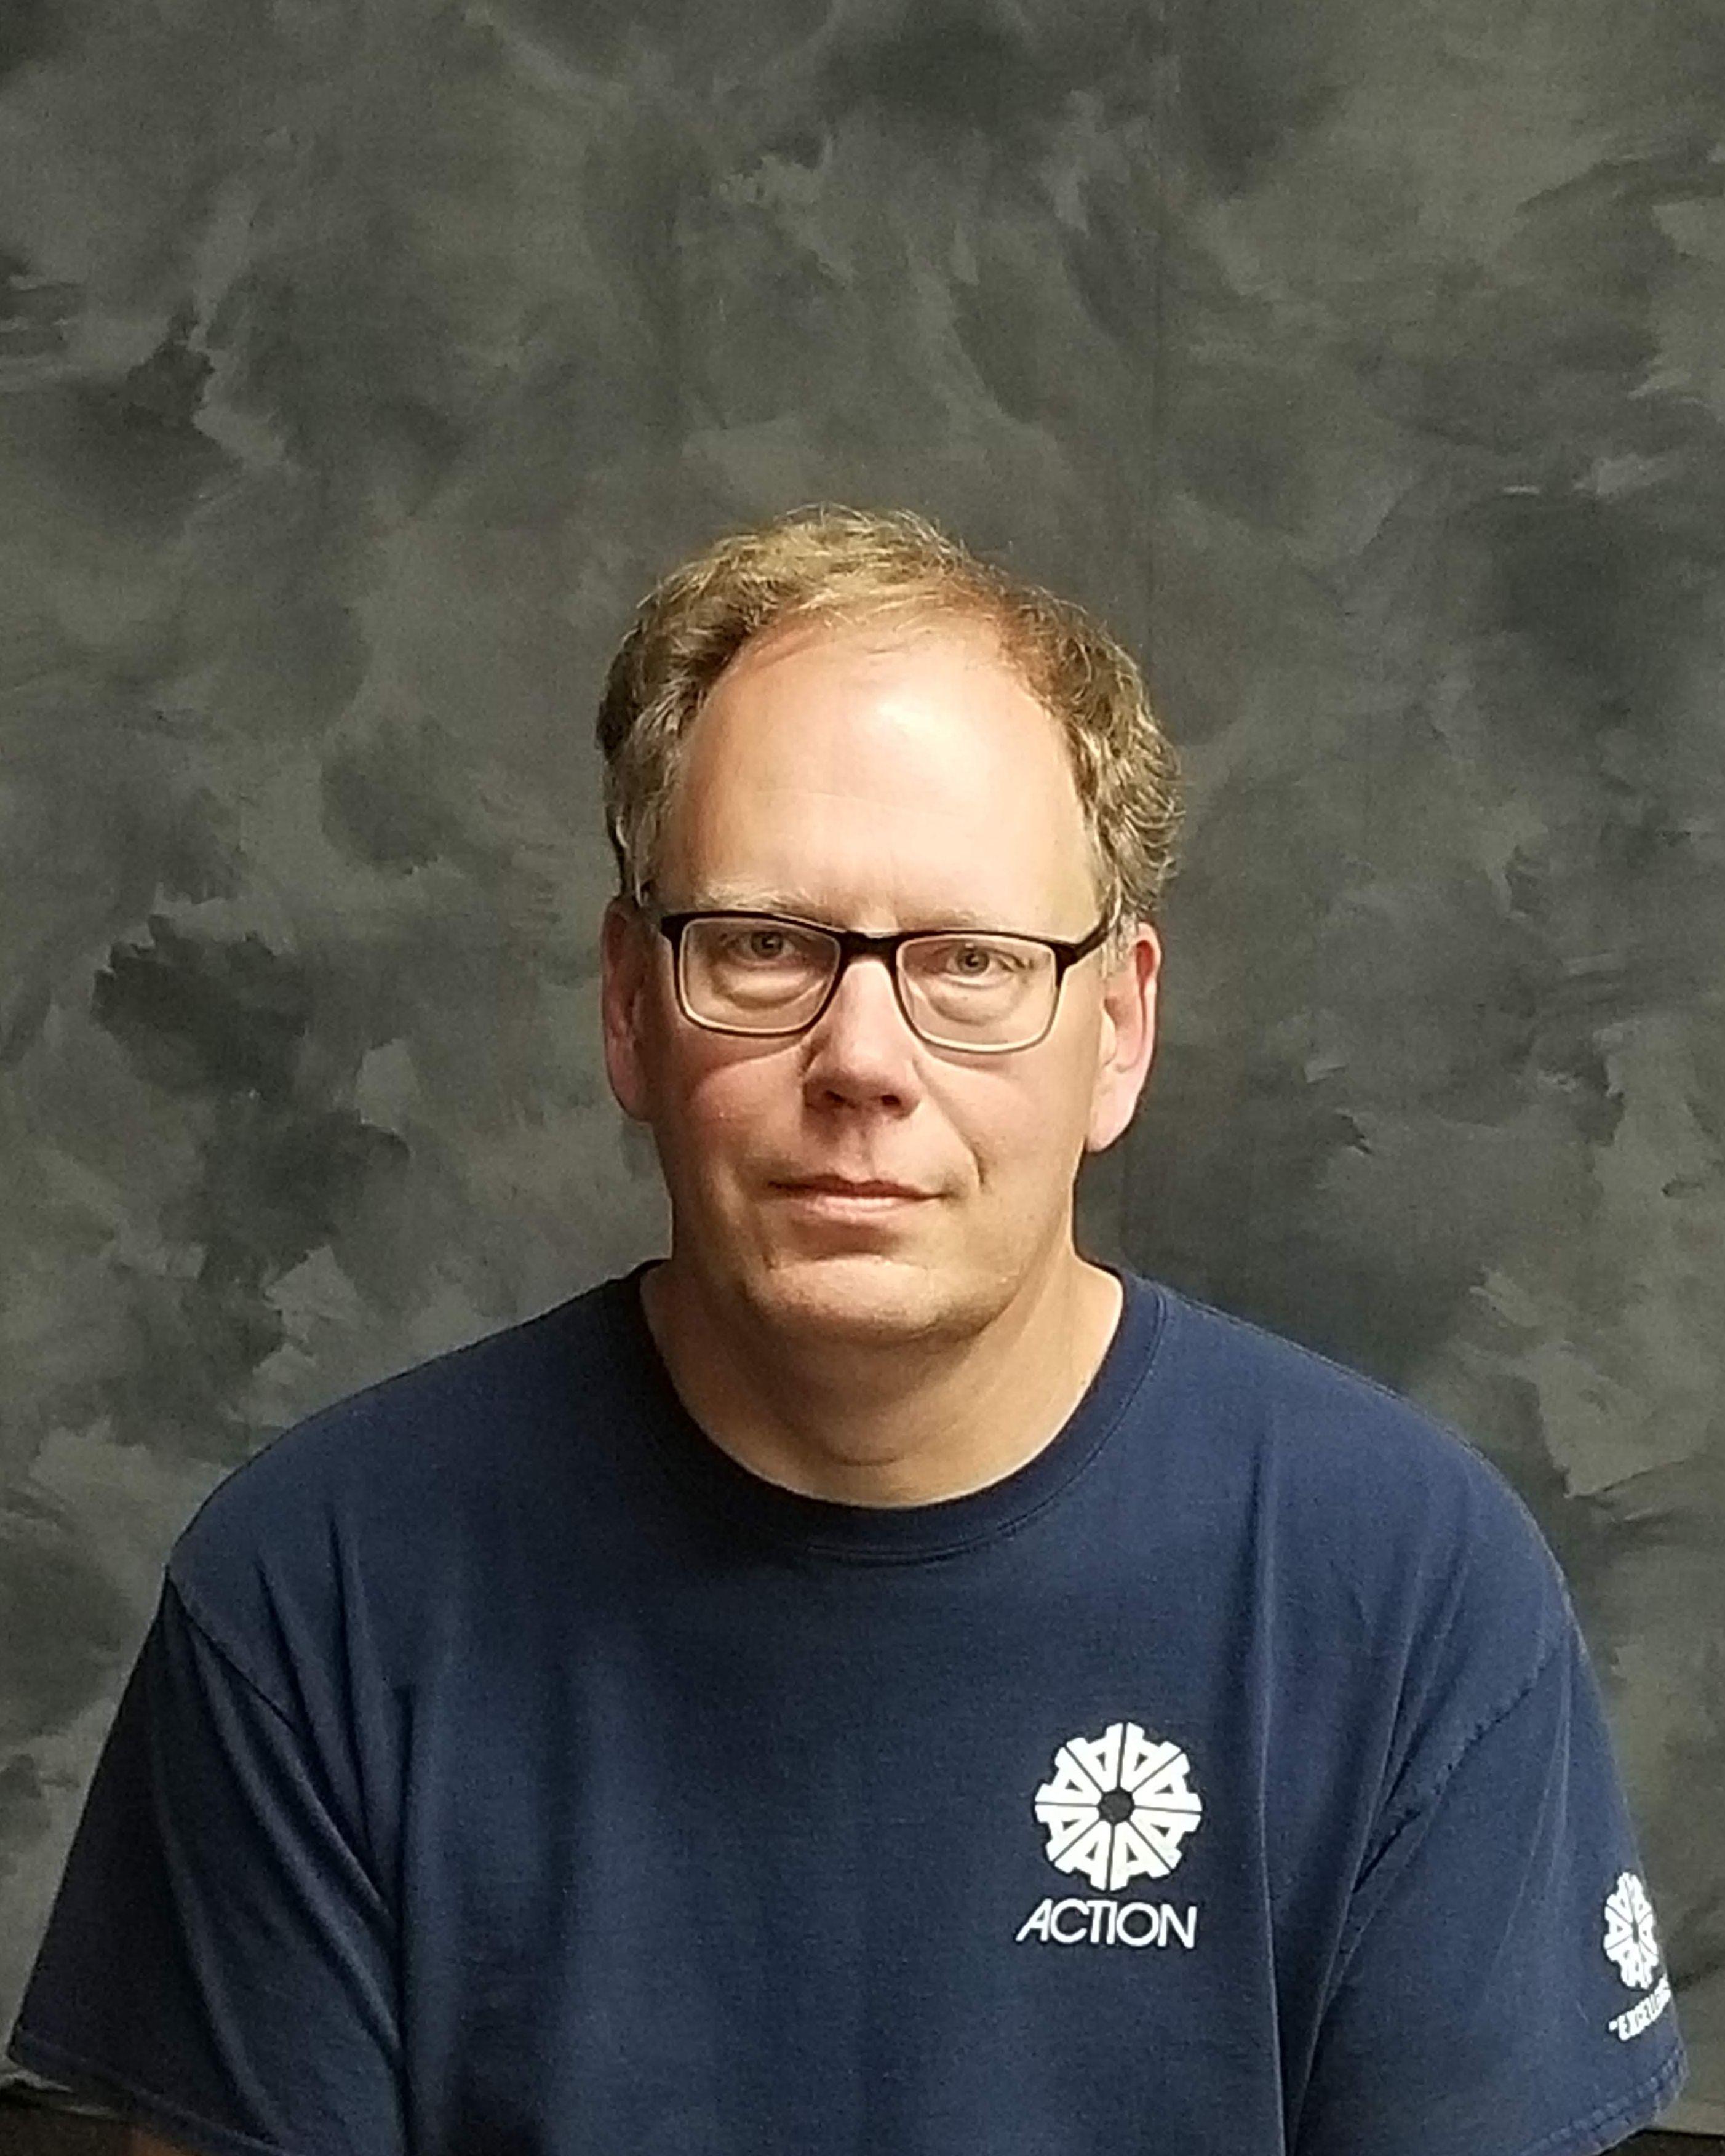 Vince Schultz